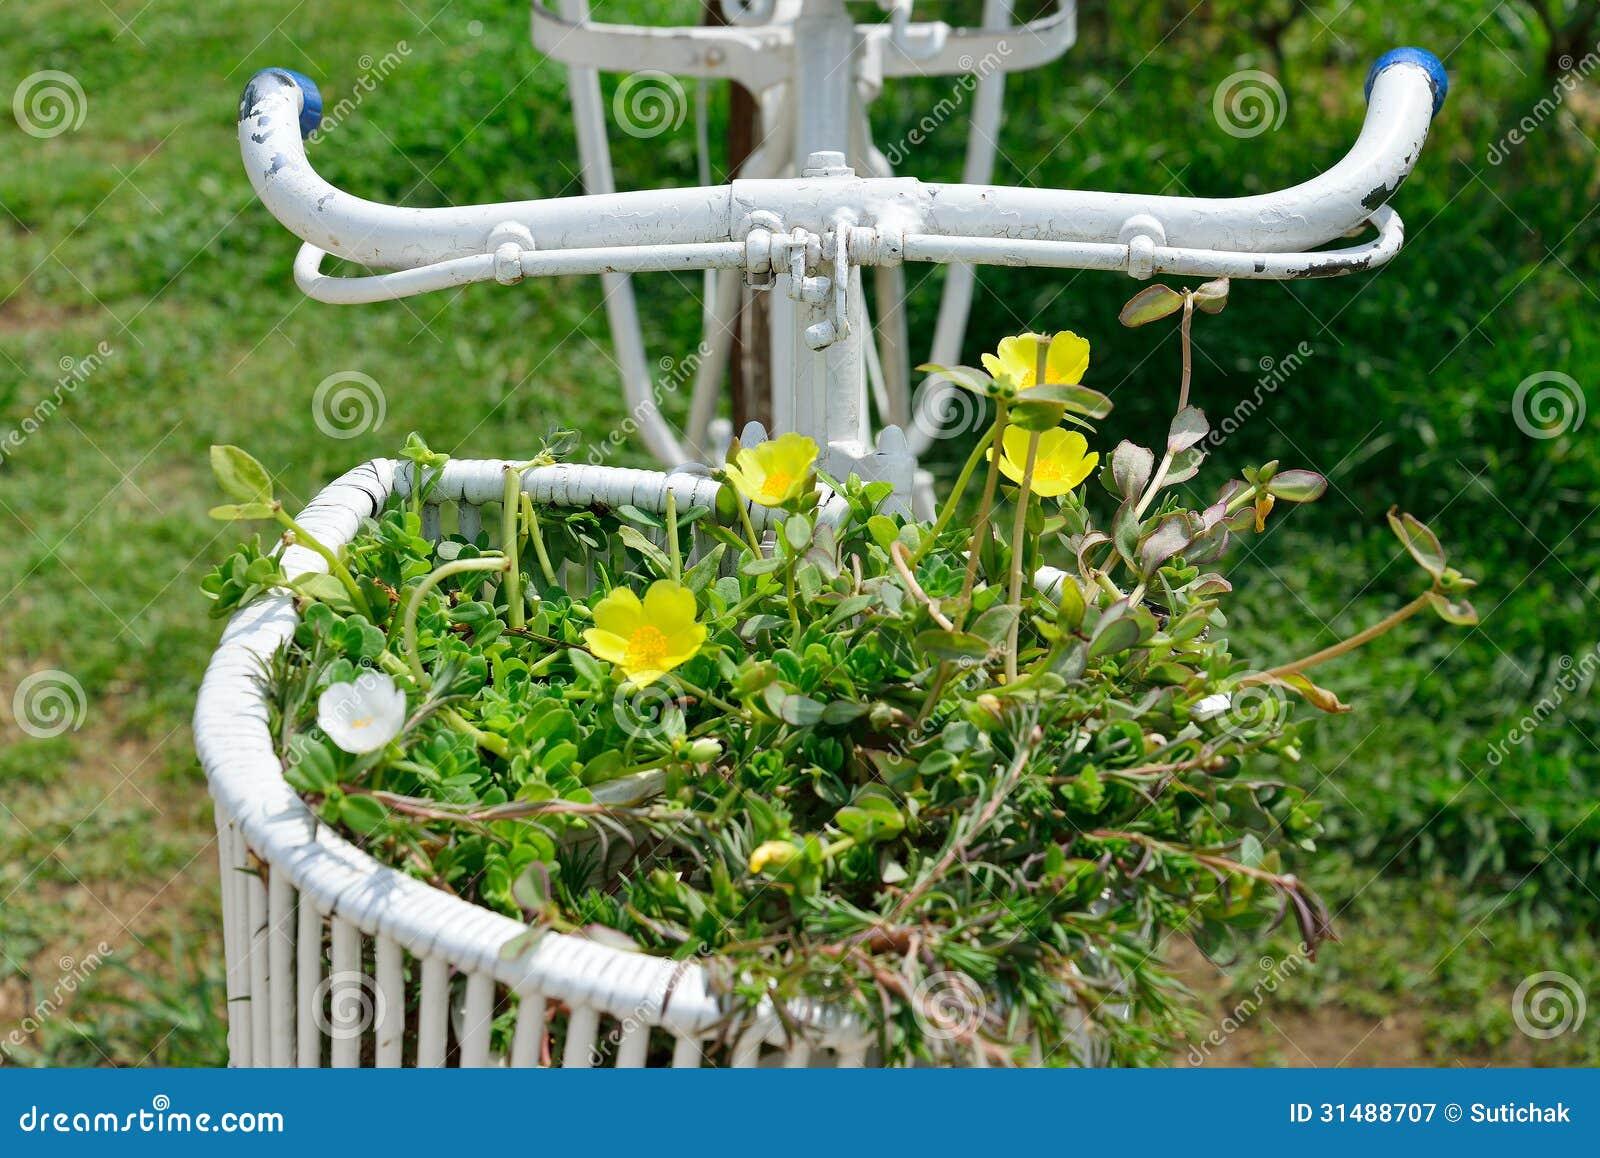 Bicicletta con la decorazione dei fiori fotografia stock for Fiori con la p